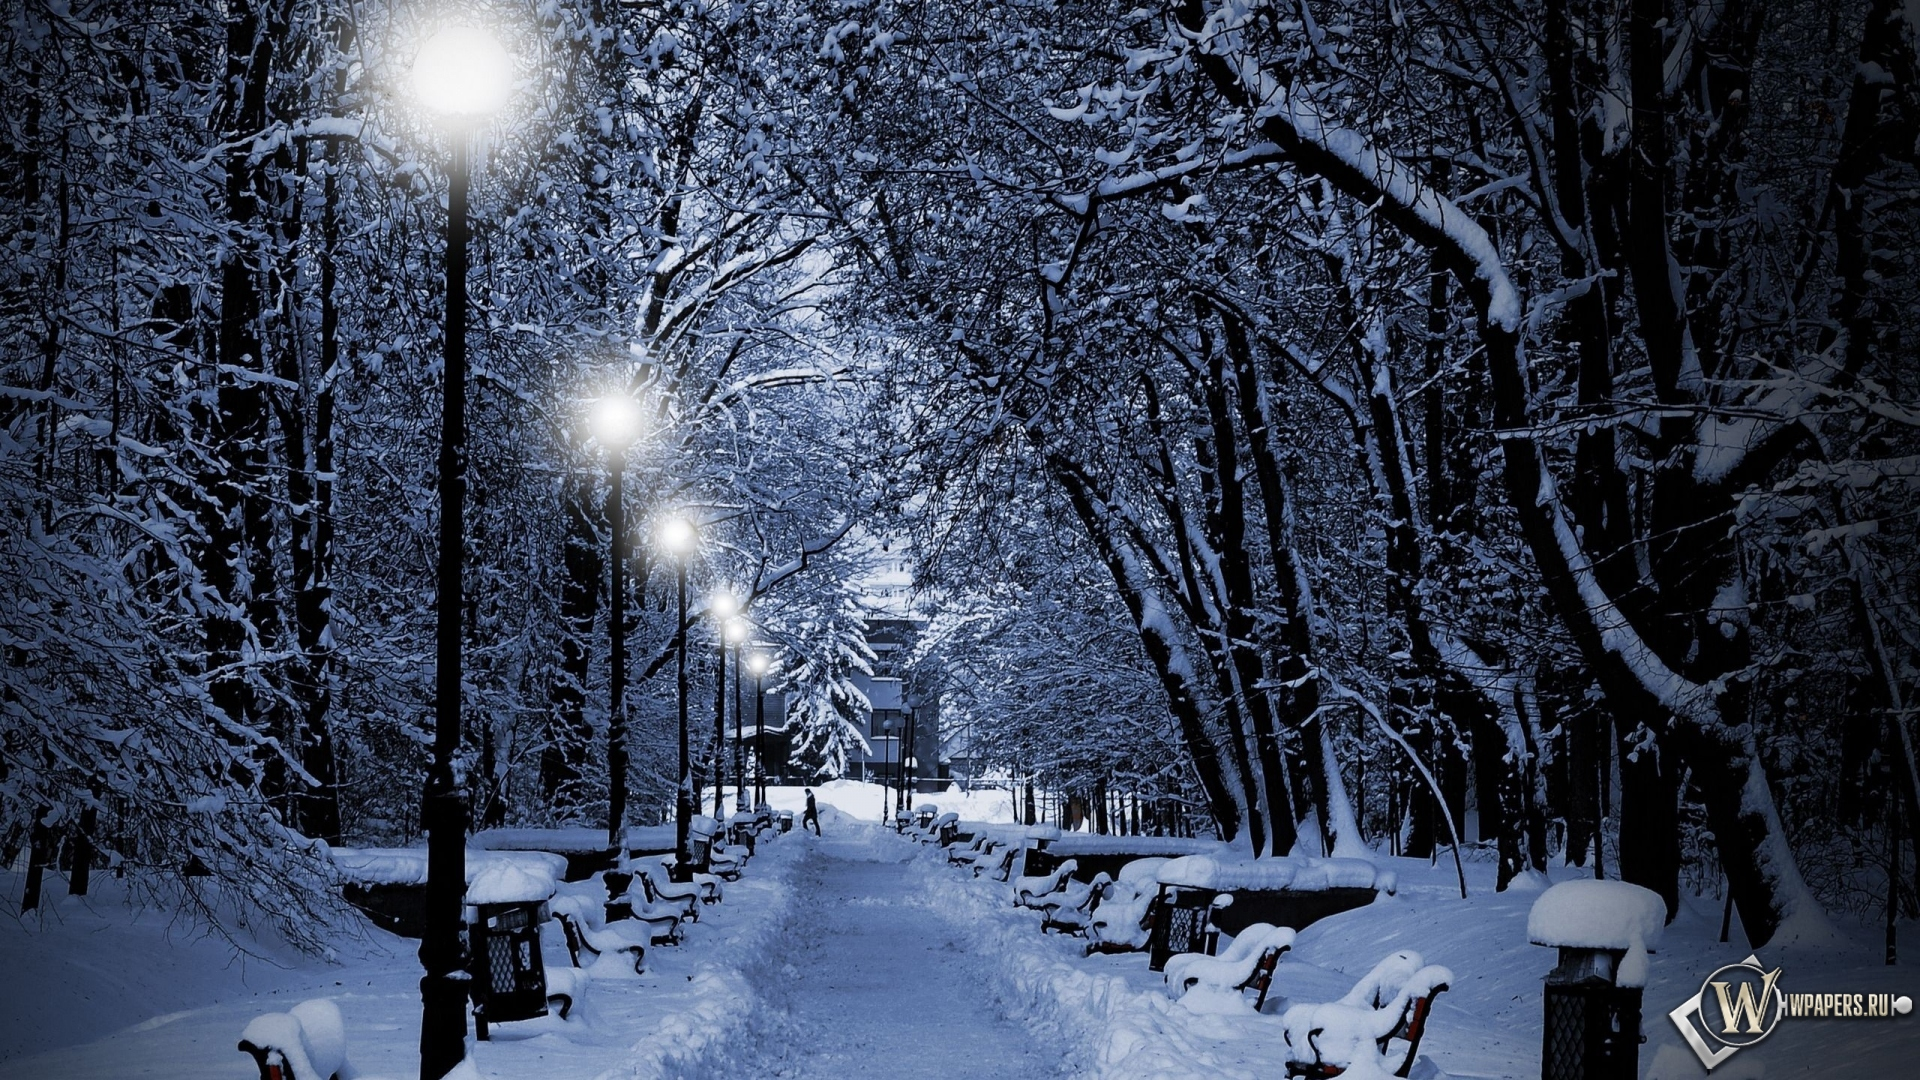 Картинки 1920x1080 зима